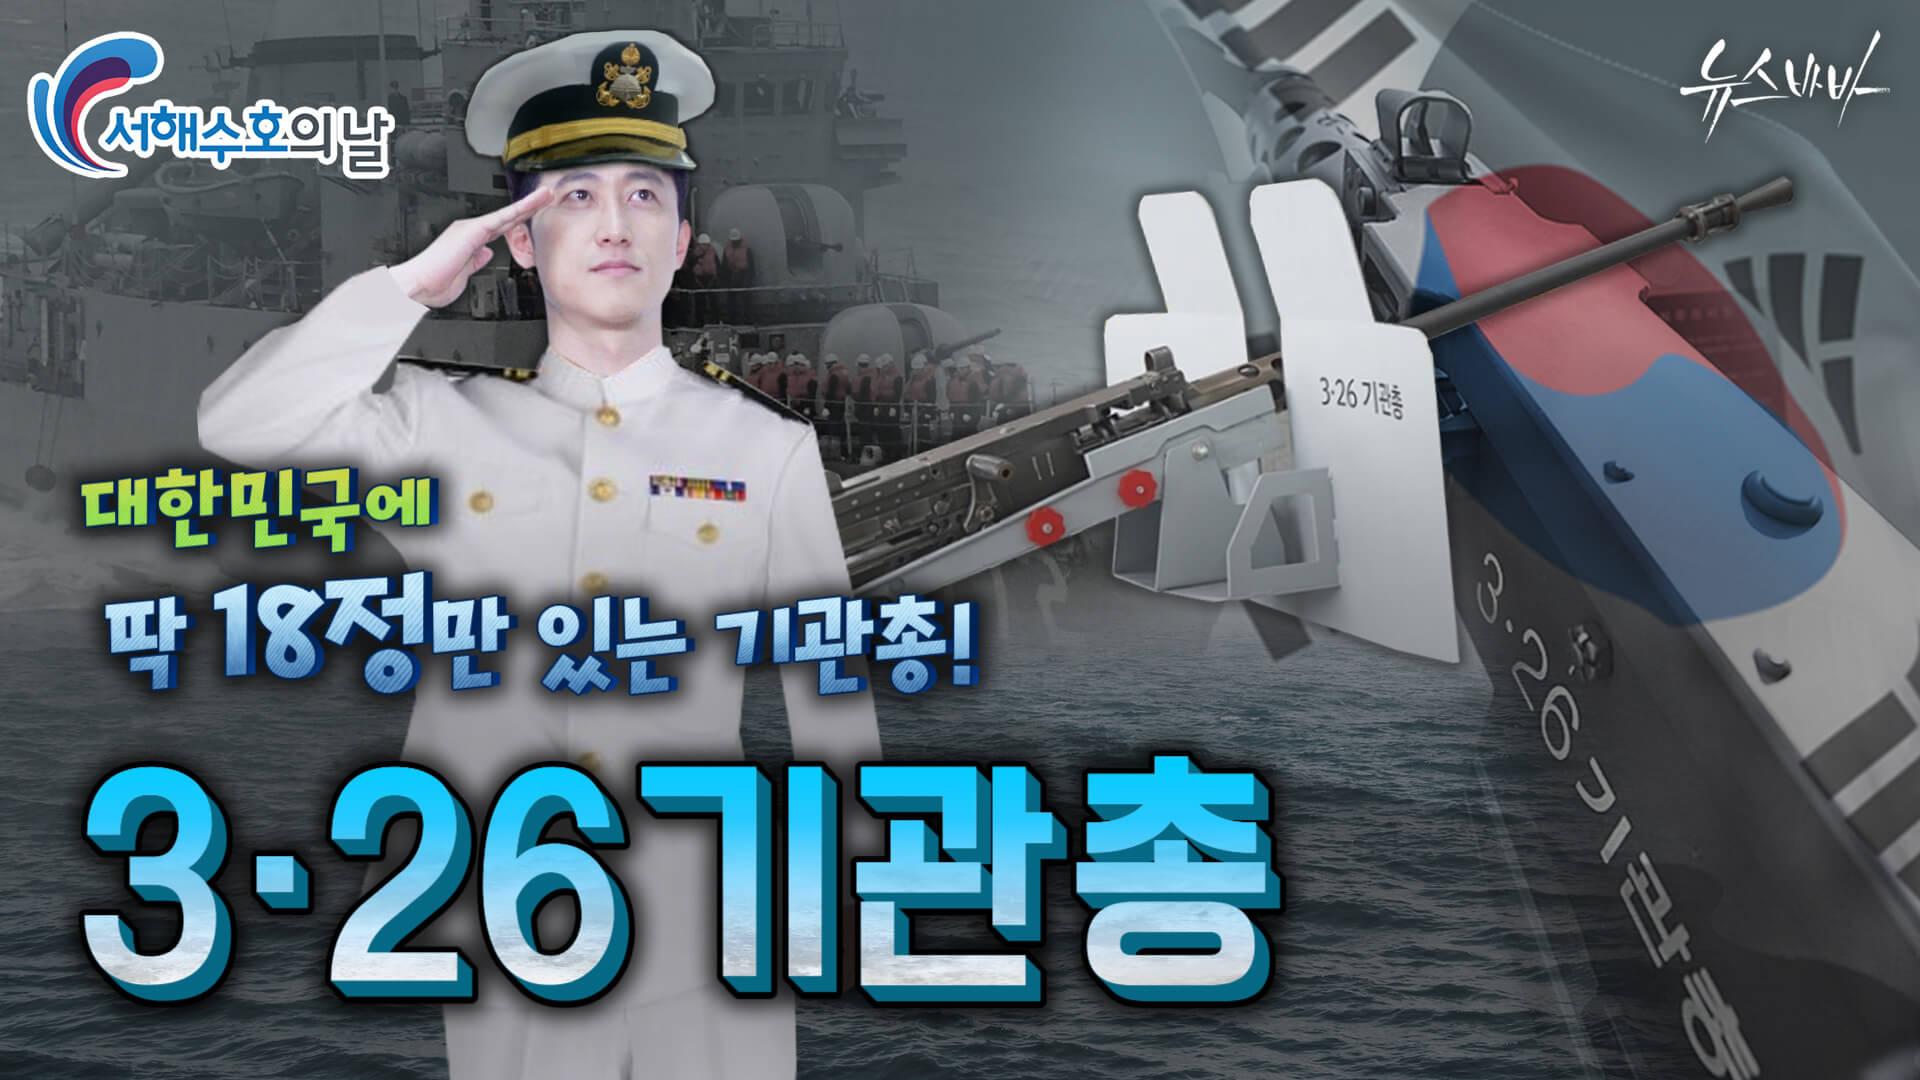 [뉴스바바] 대한민국에 딱 18정